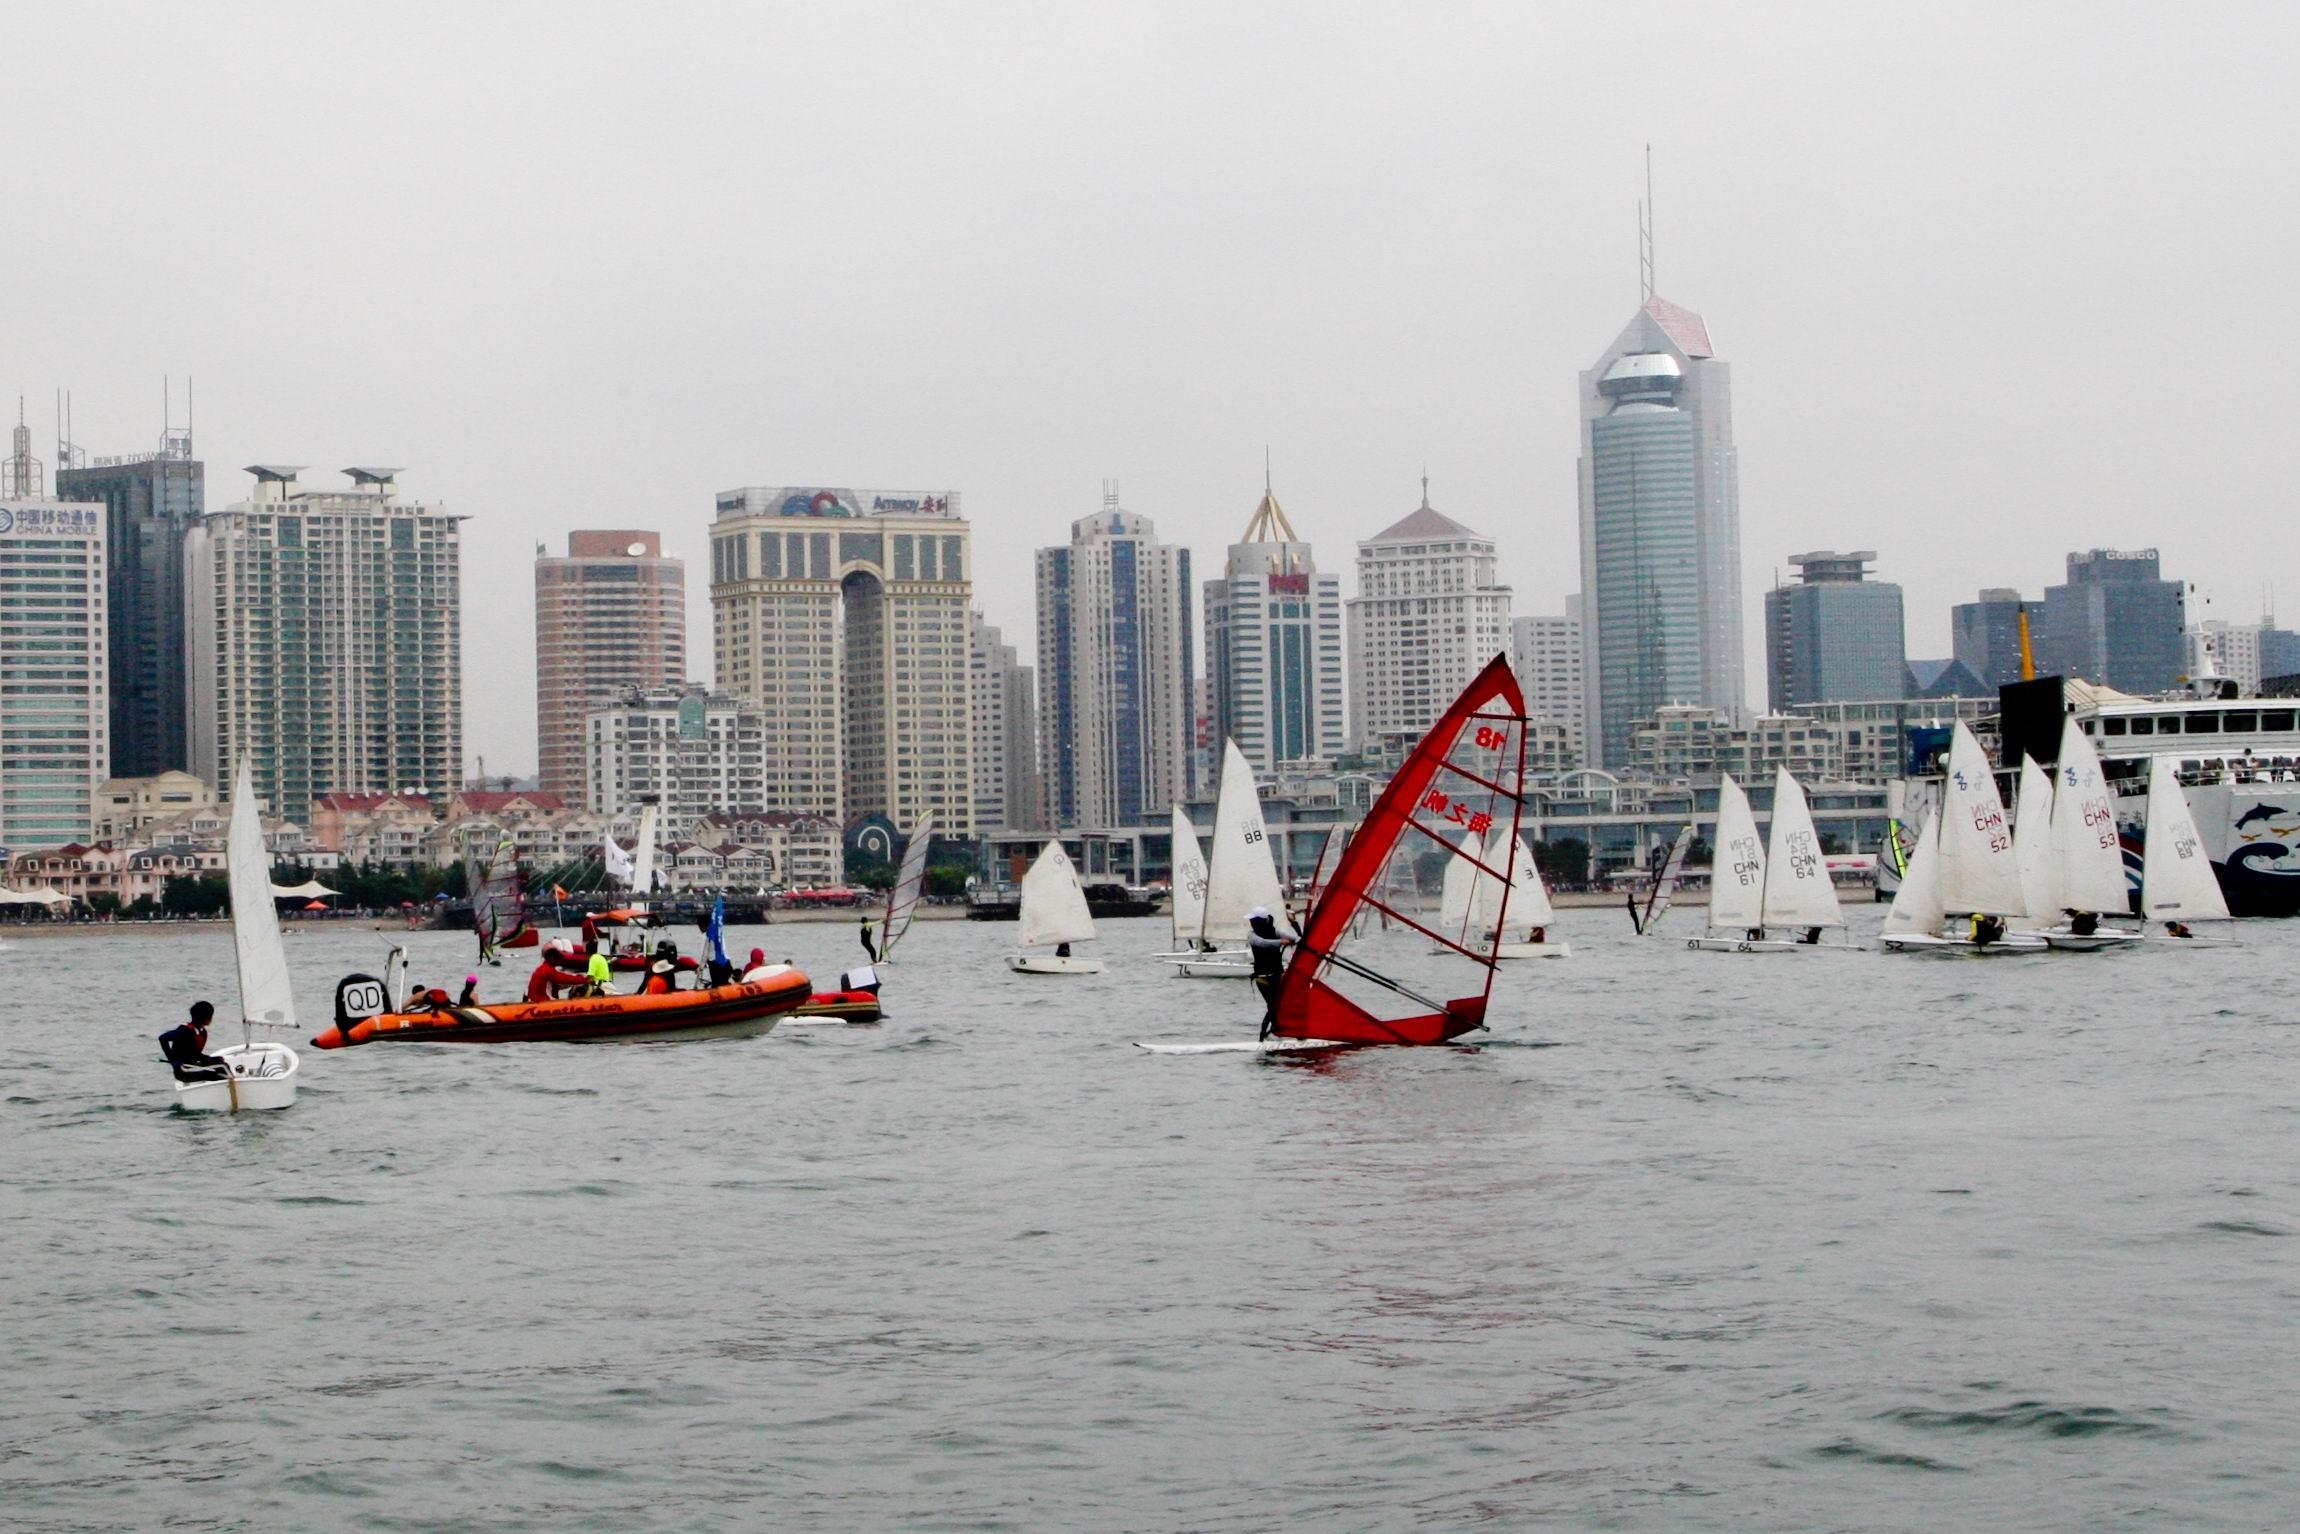 青岛市教育局网站_青岛城市帆船俱乐部联赛启动仪式 - 青岛帆船运动官方网站